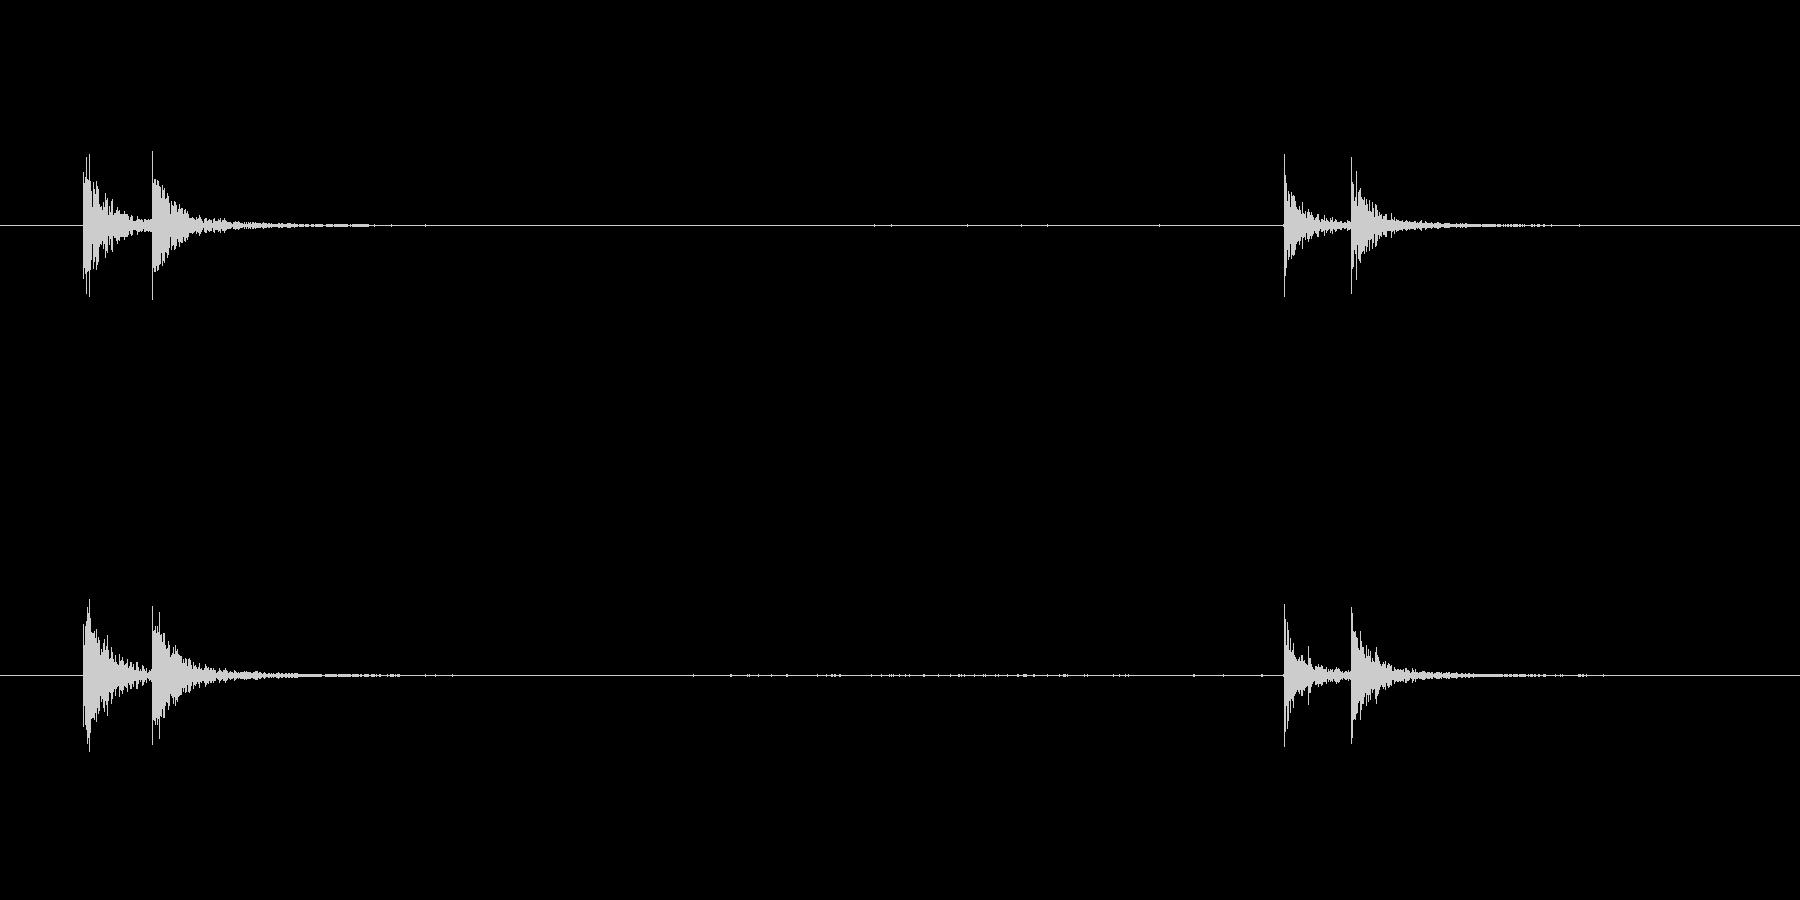 ノックする音 (鉄製の扉)の未再生の波形